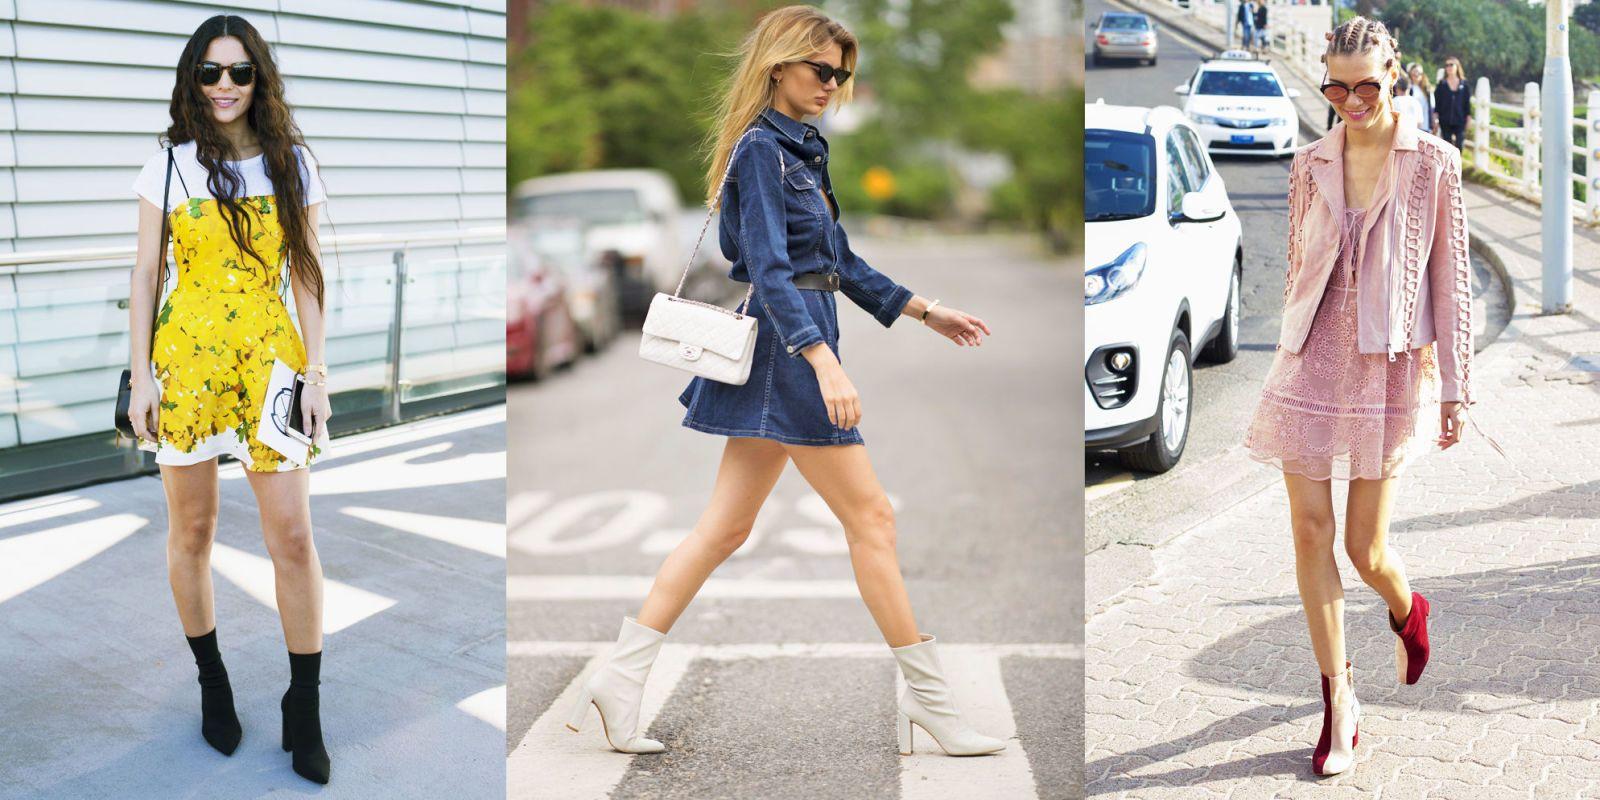 Stivali estivi | Stivali estivi, Stivali e Stile di moda